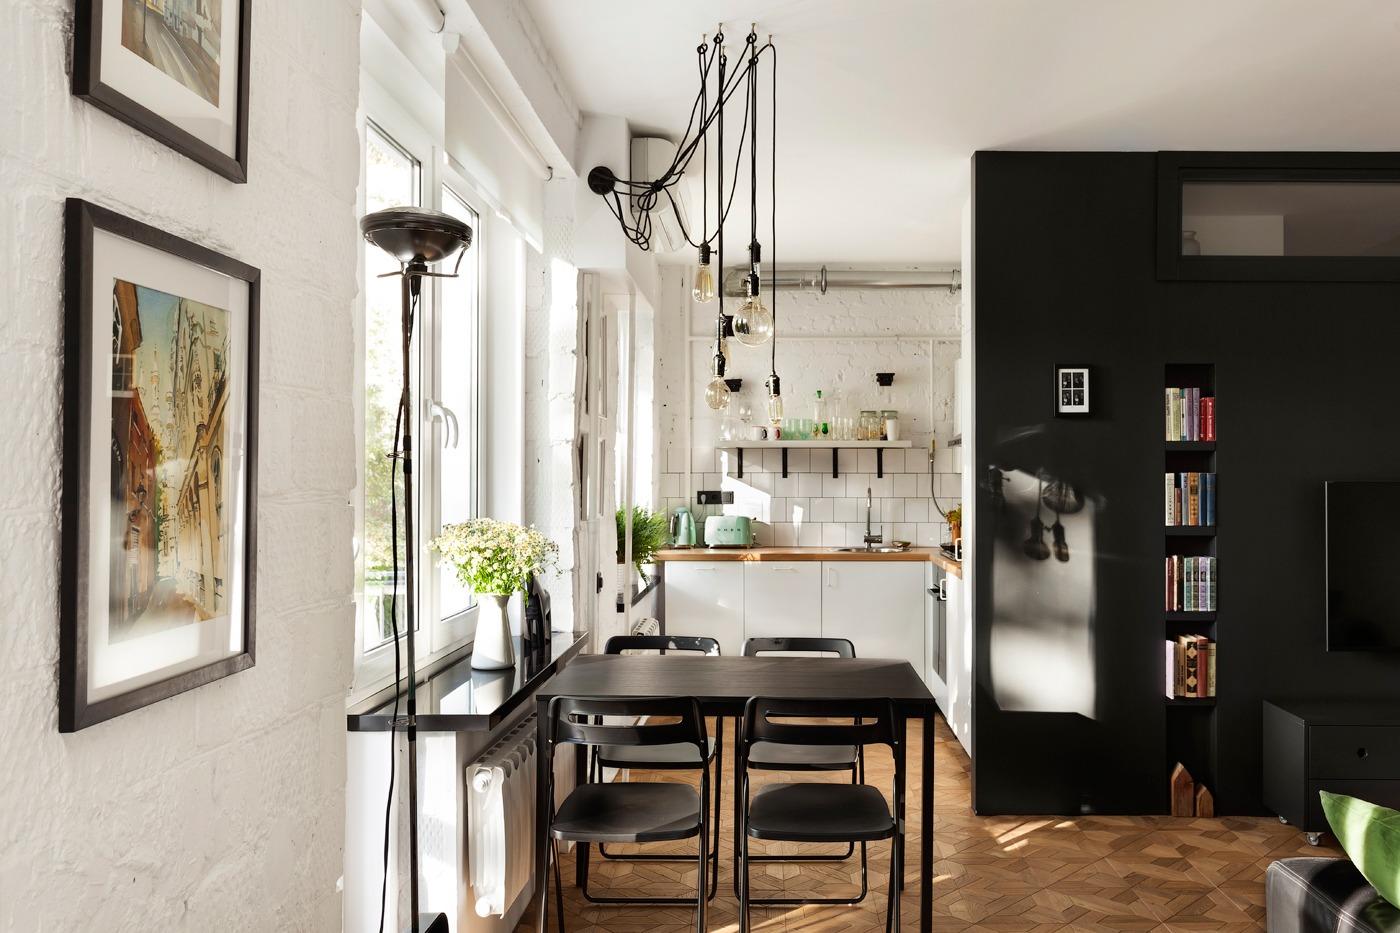 Оформление маленькой кухни в чёрно-белом цвете